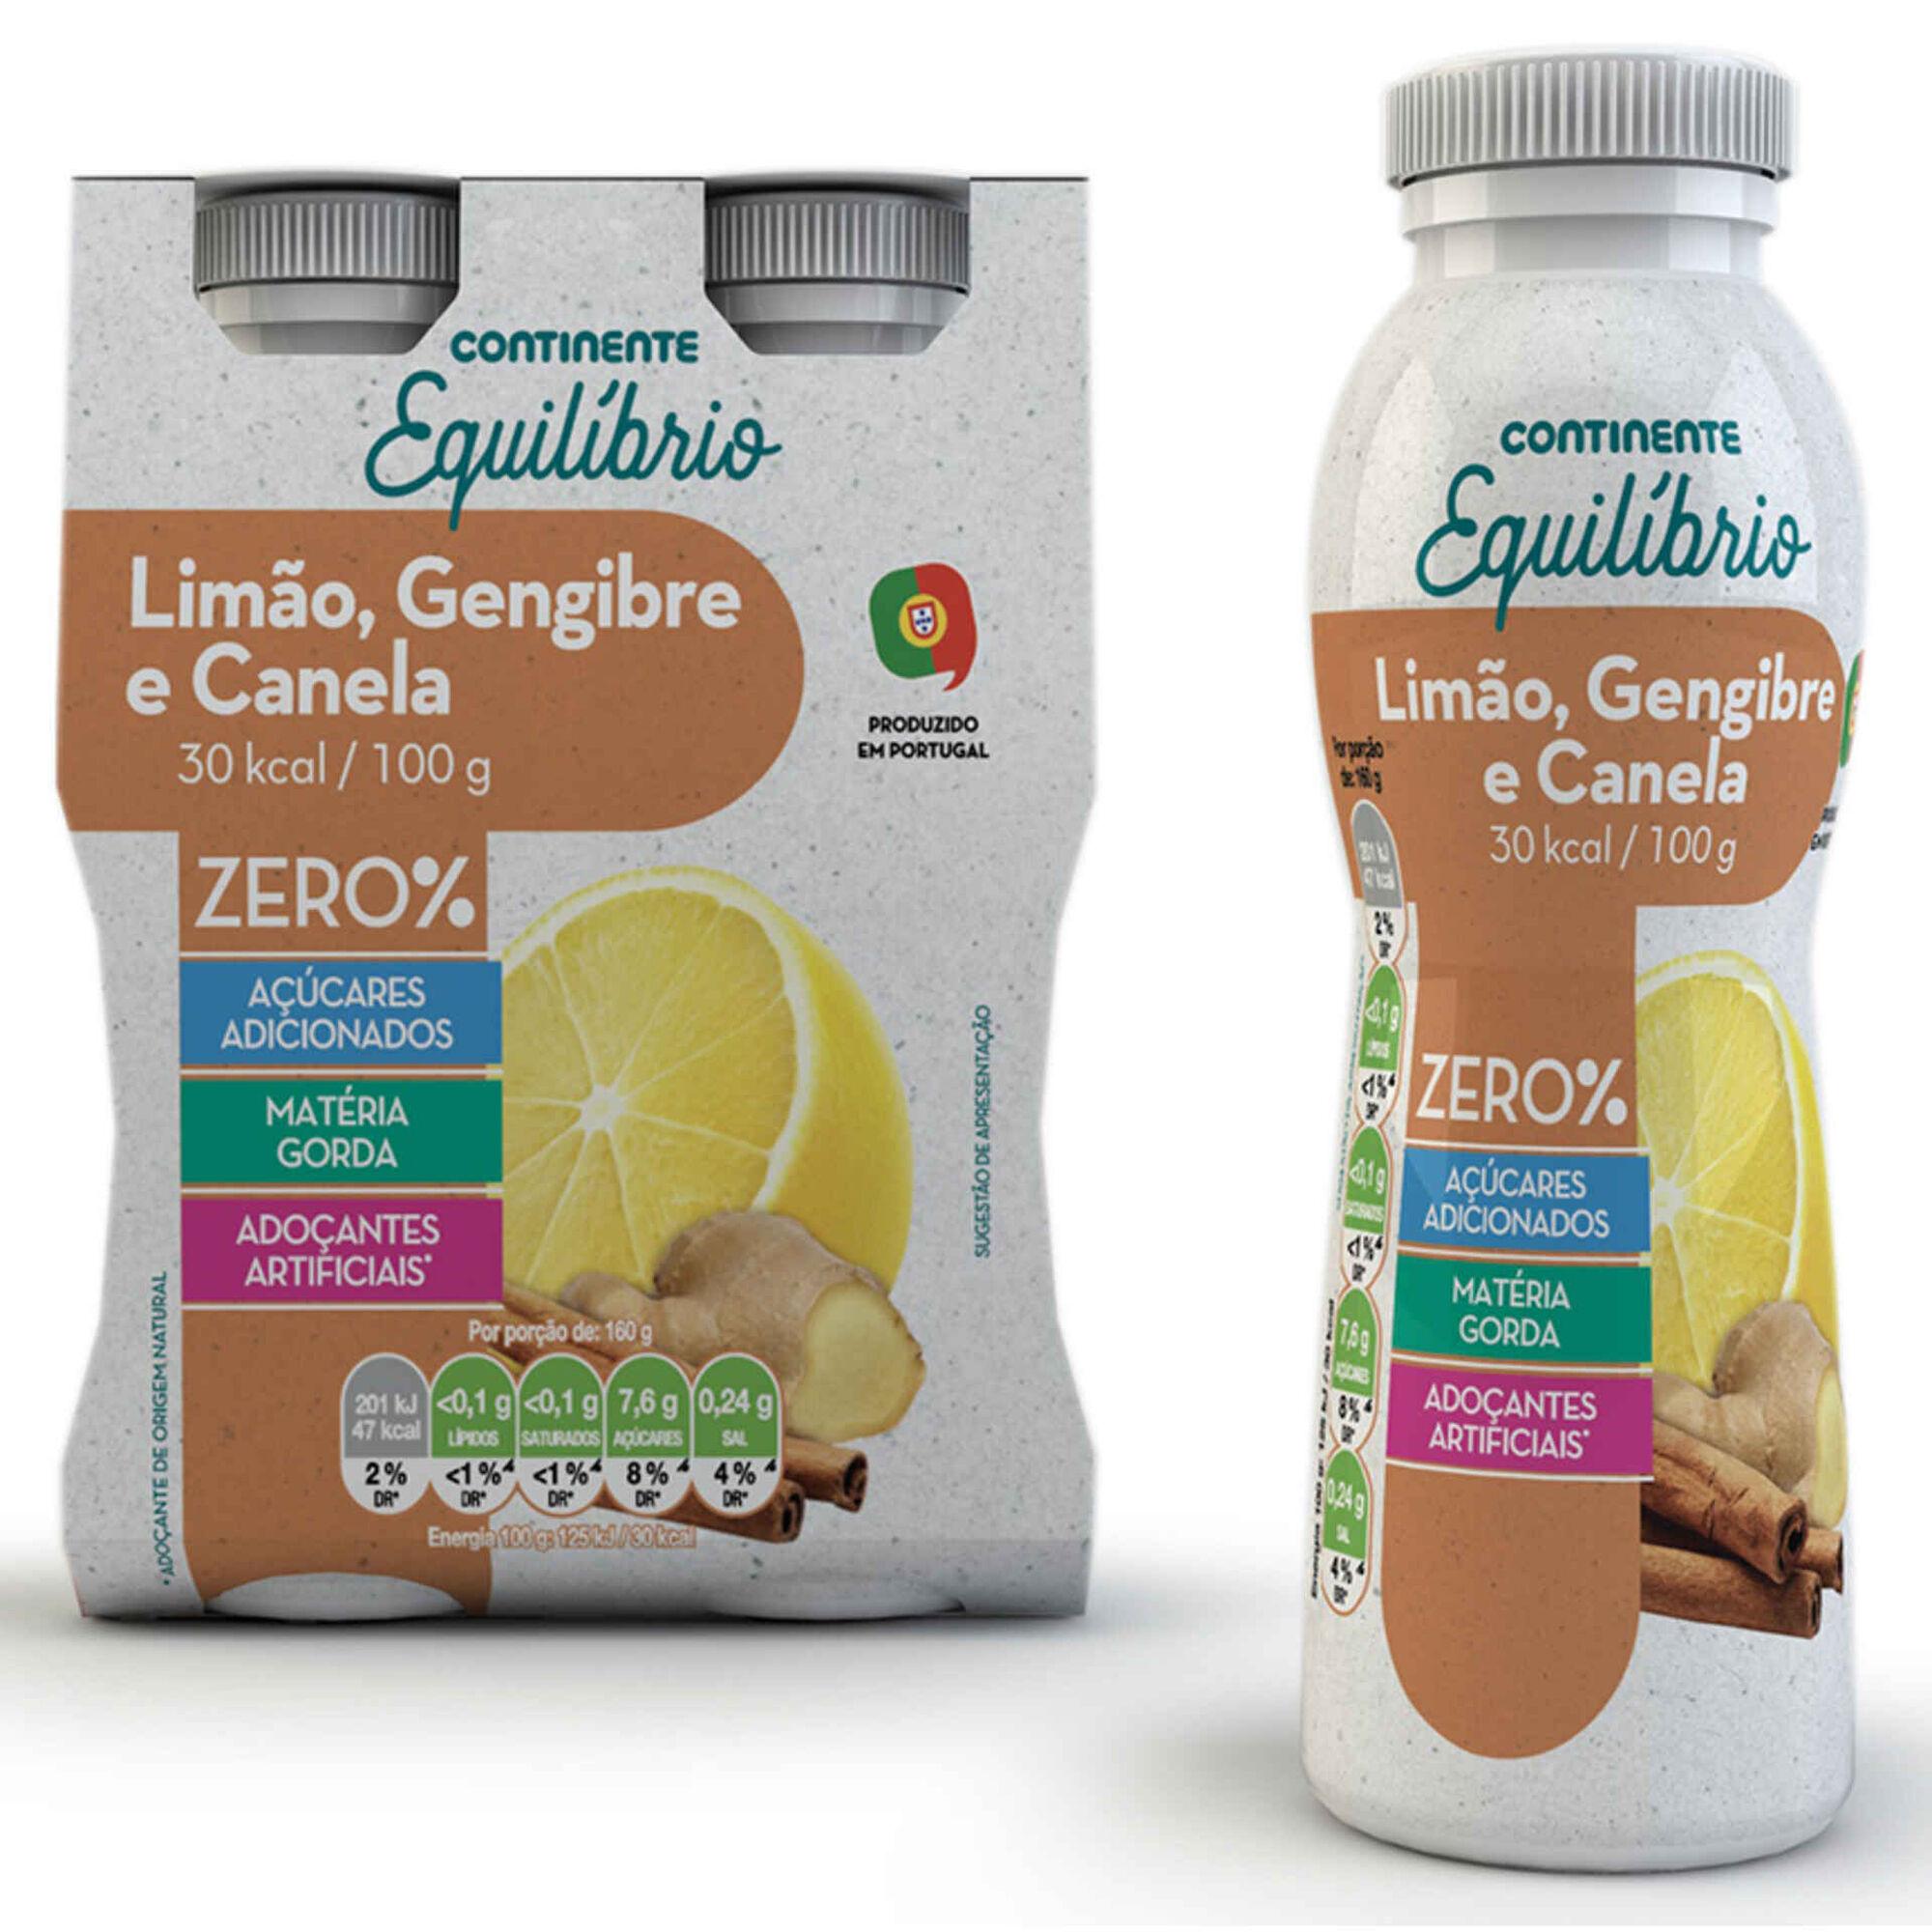 Iogurte Líquido Zero% Limão, Gengibre e Canela